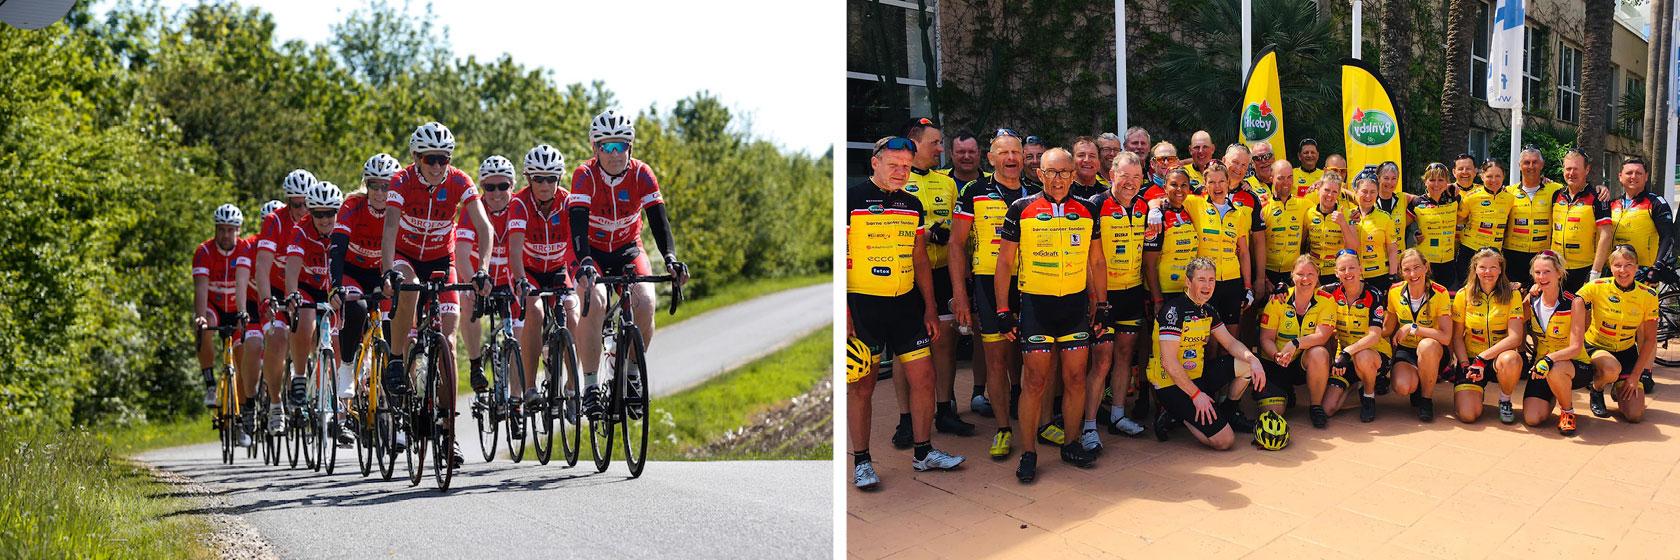 Cykelrejser for grupper, klubber og virksomheder